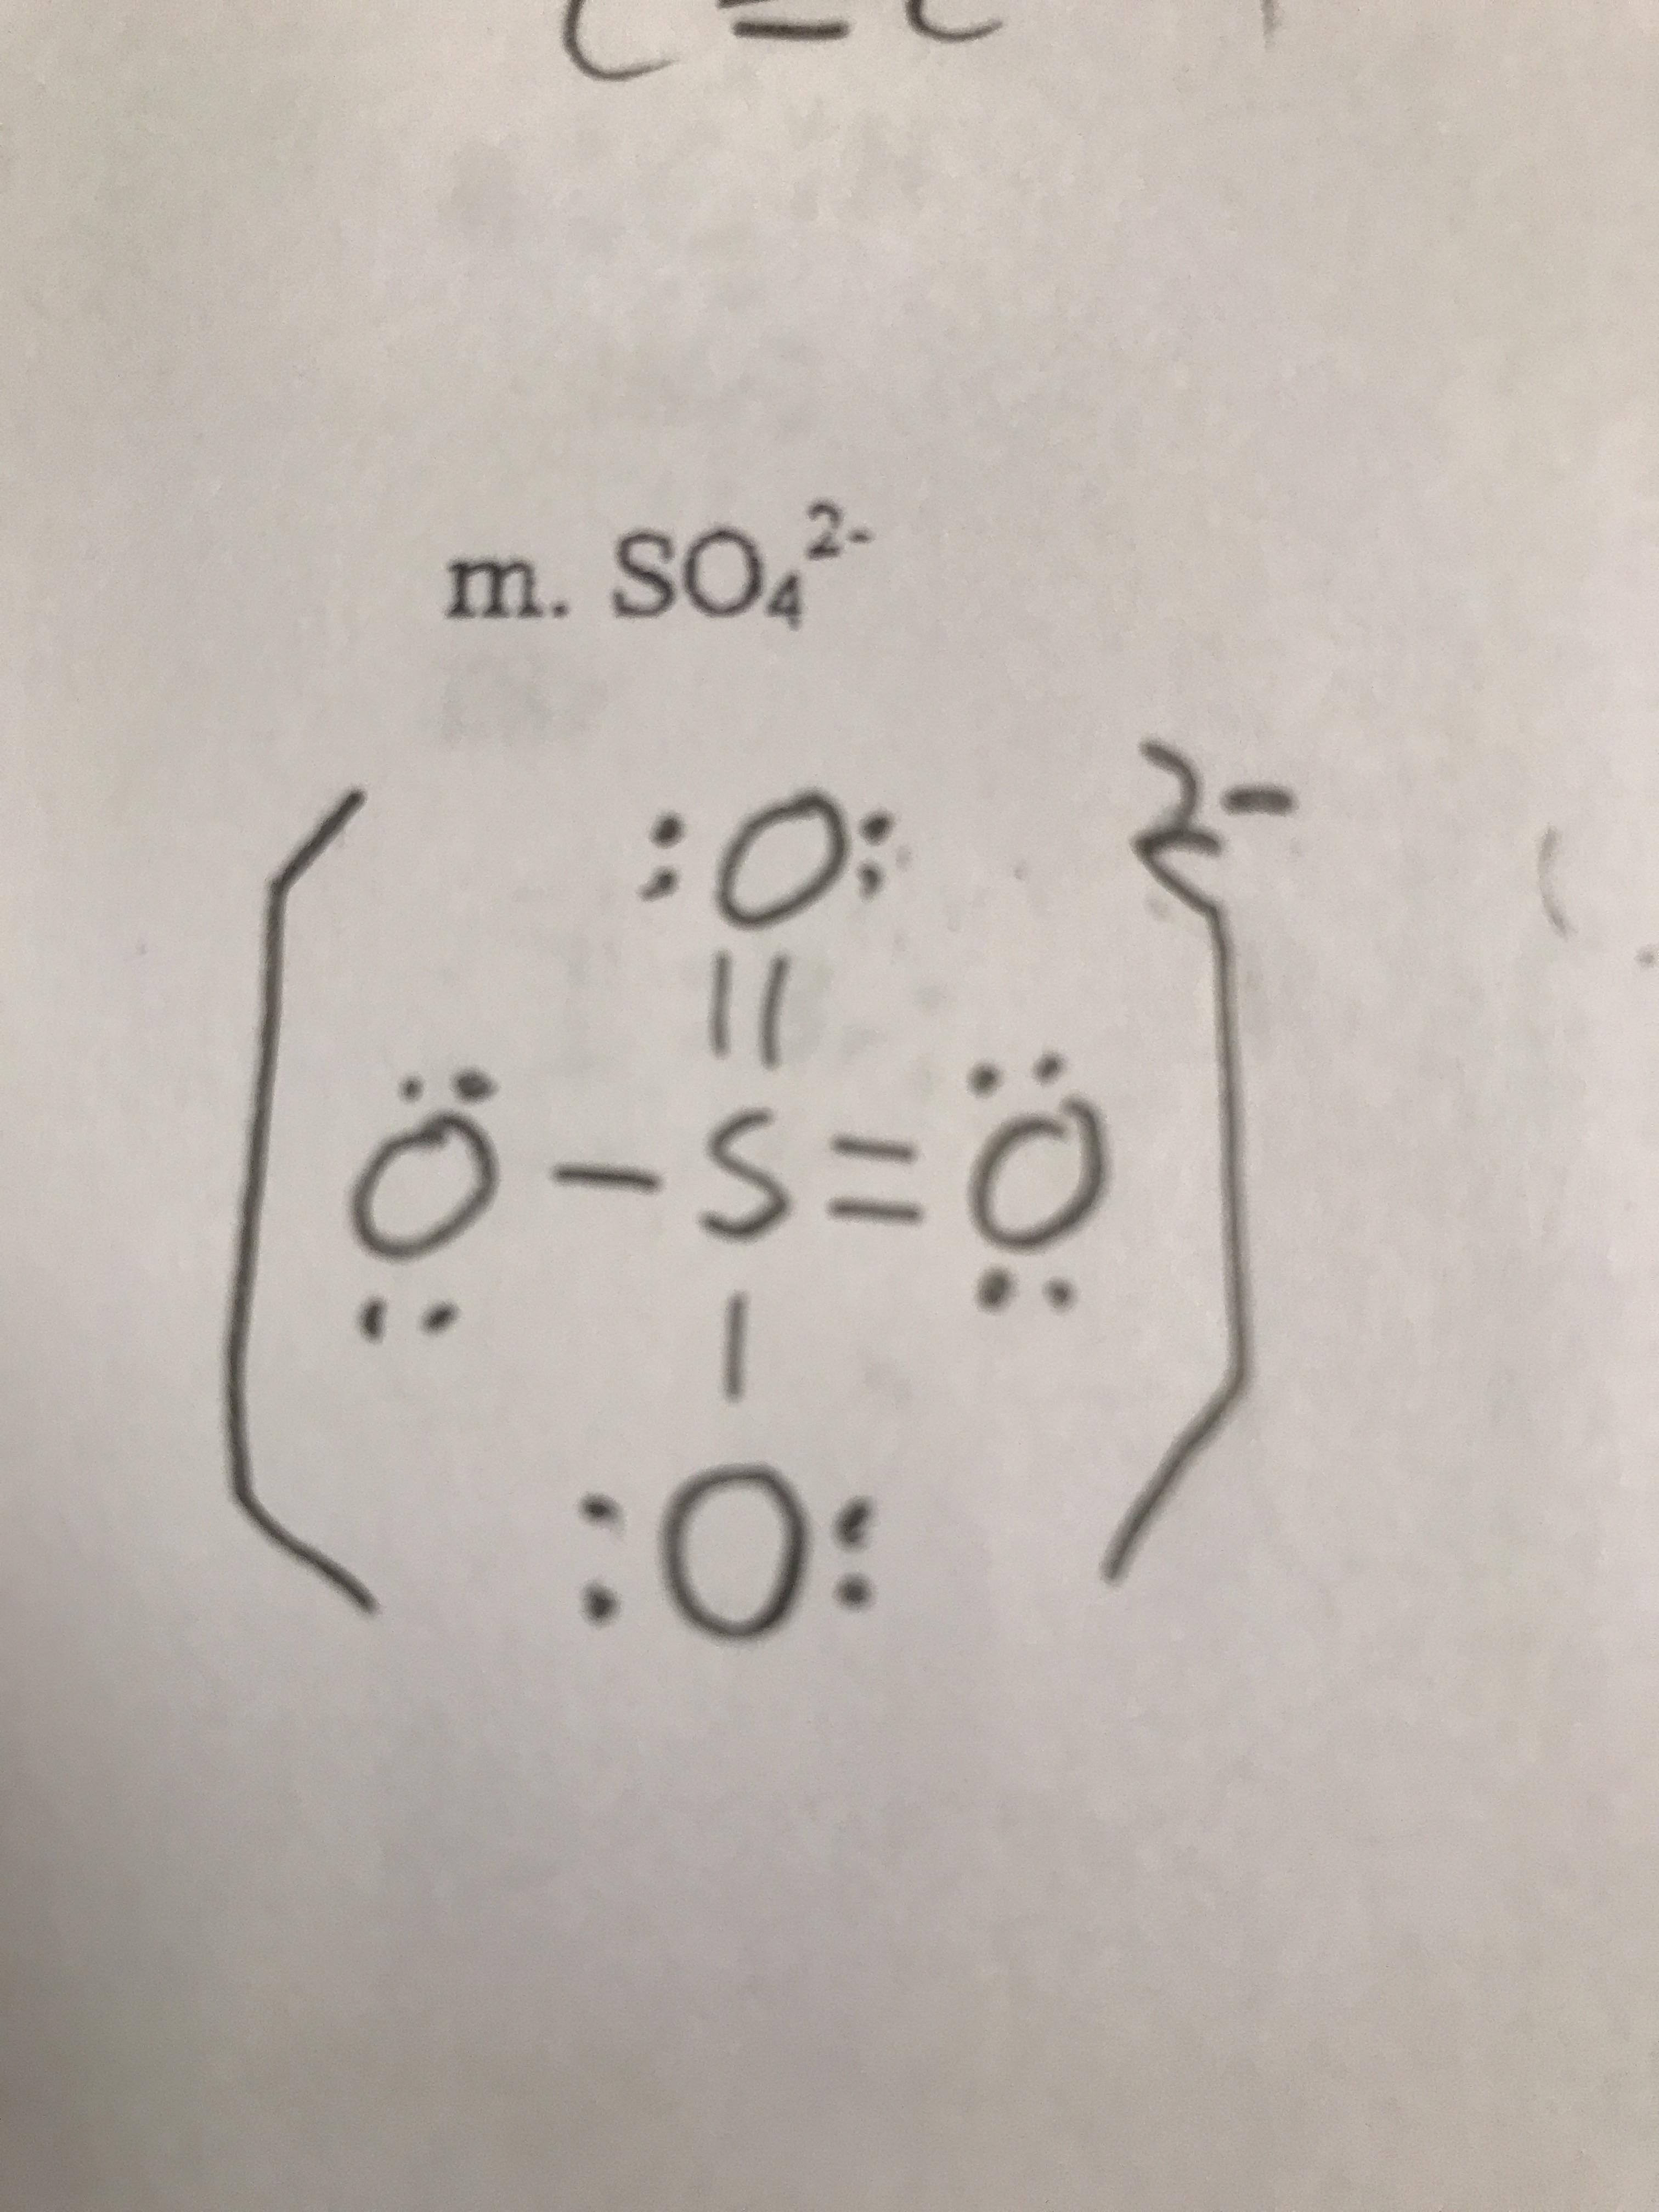 So4 2 Lewis Structure : lewis, structure, Lewis, Structure, SO4(2-), Notinteresting